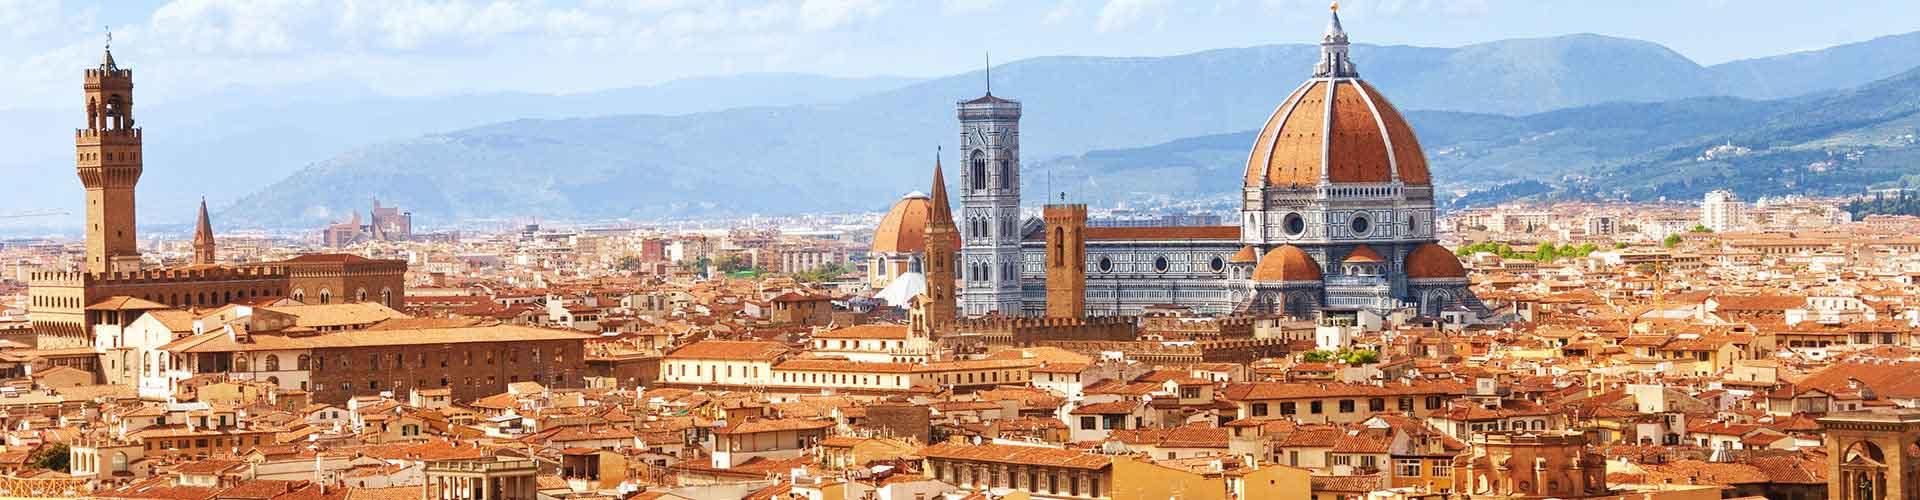 Florencia - Albergues en Florencia. Mapas de Florencia, Fotos y Comentarios para cada Albergue en Florencia.